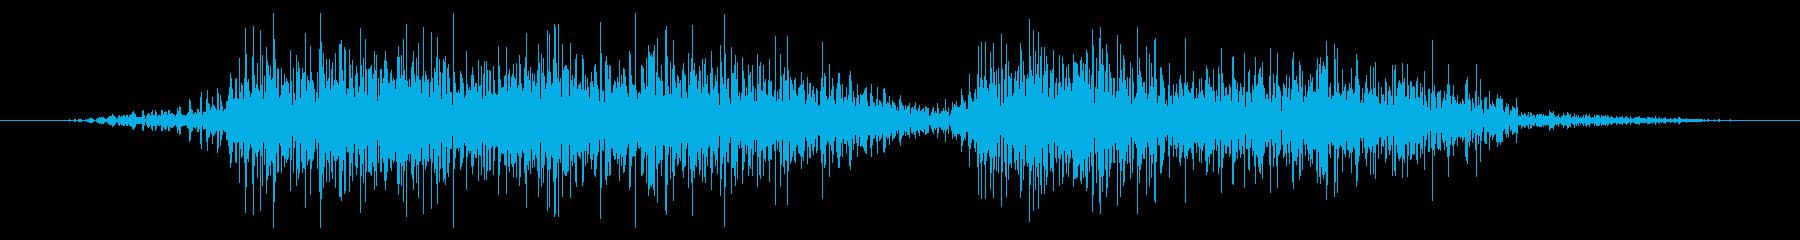 フライング ドラゴン モンスター 勝利時の再生済みの波形